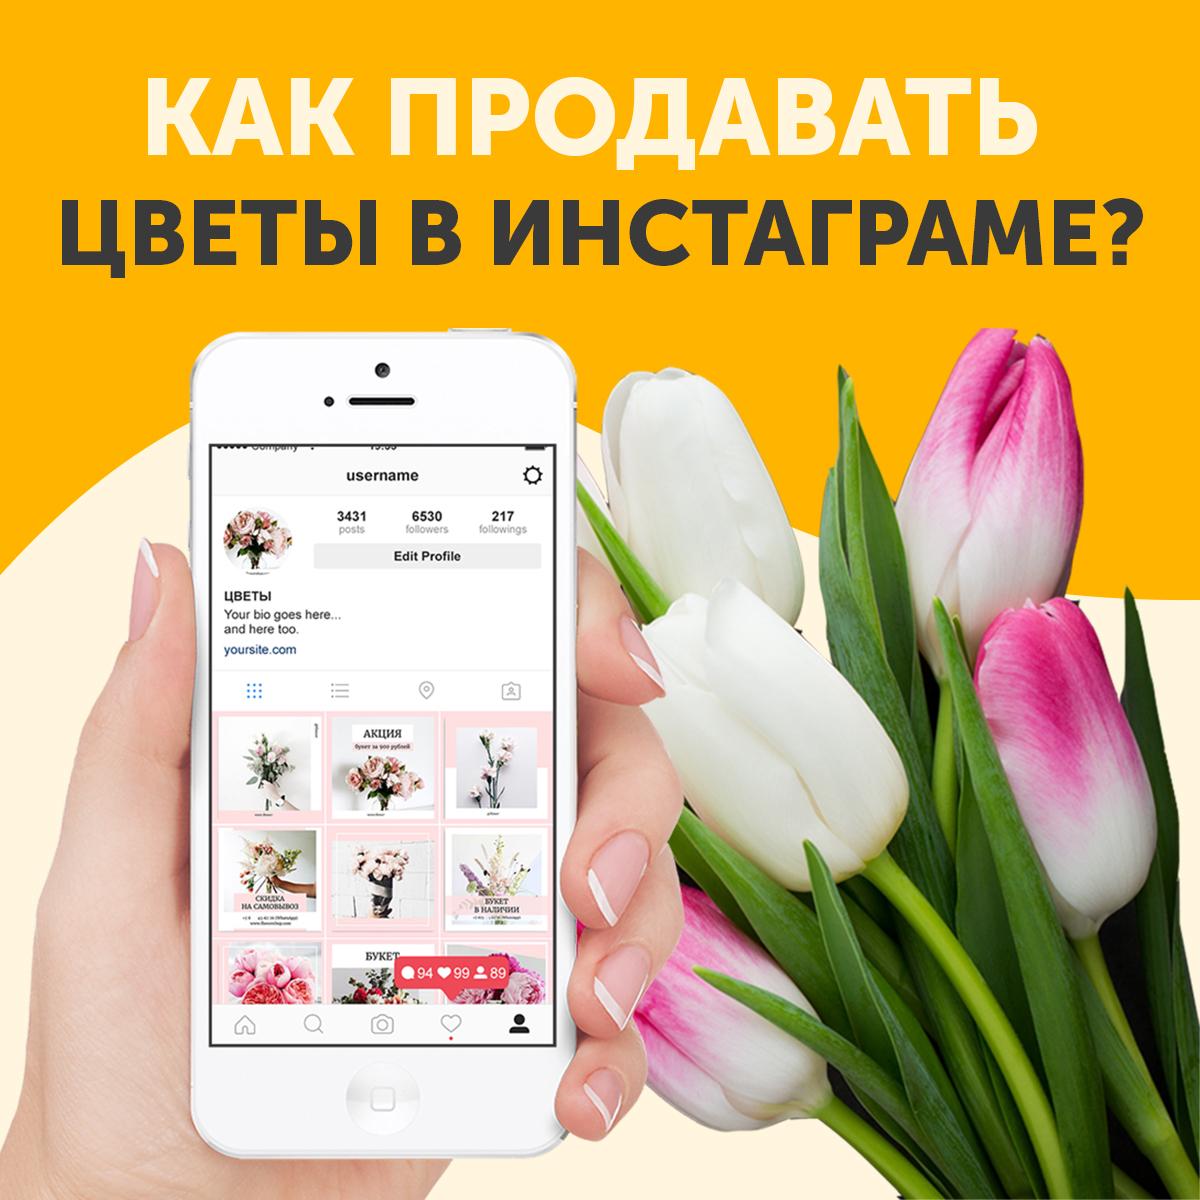 цветы в инстаграме